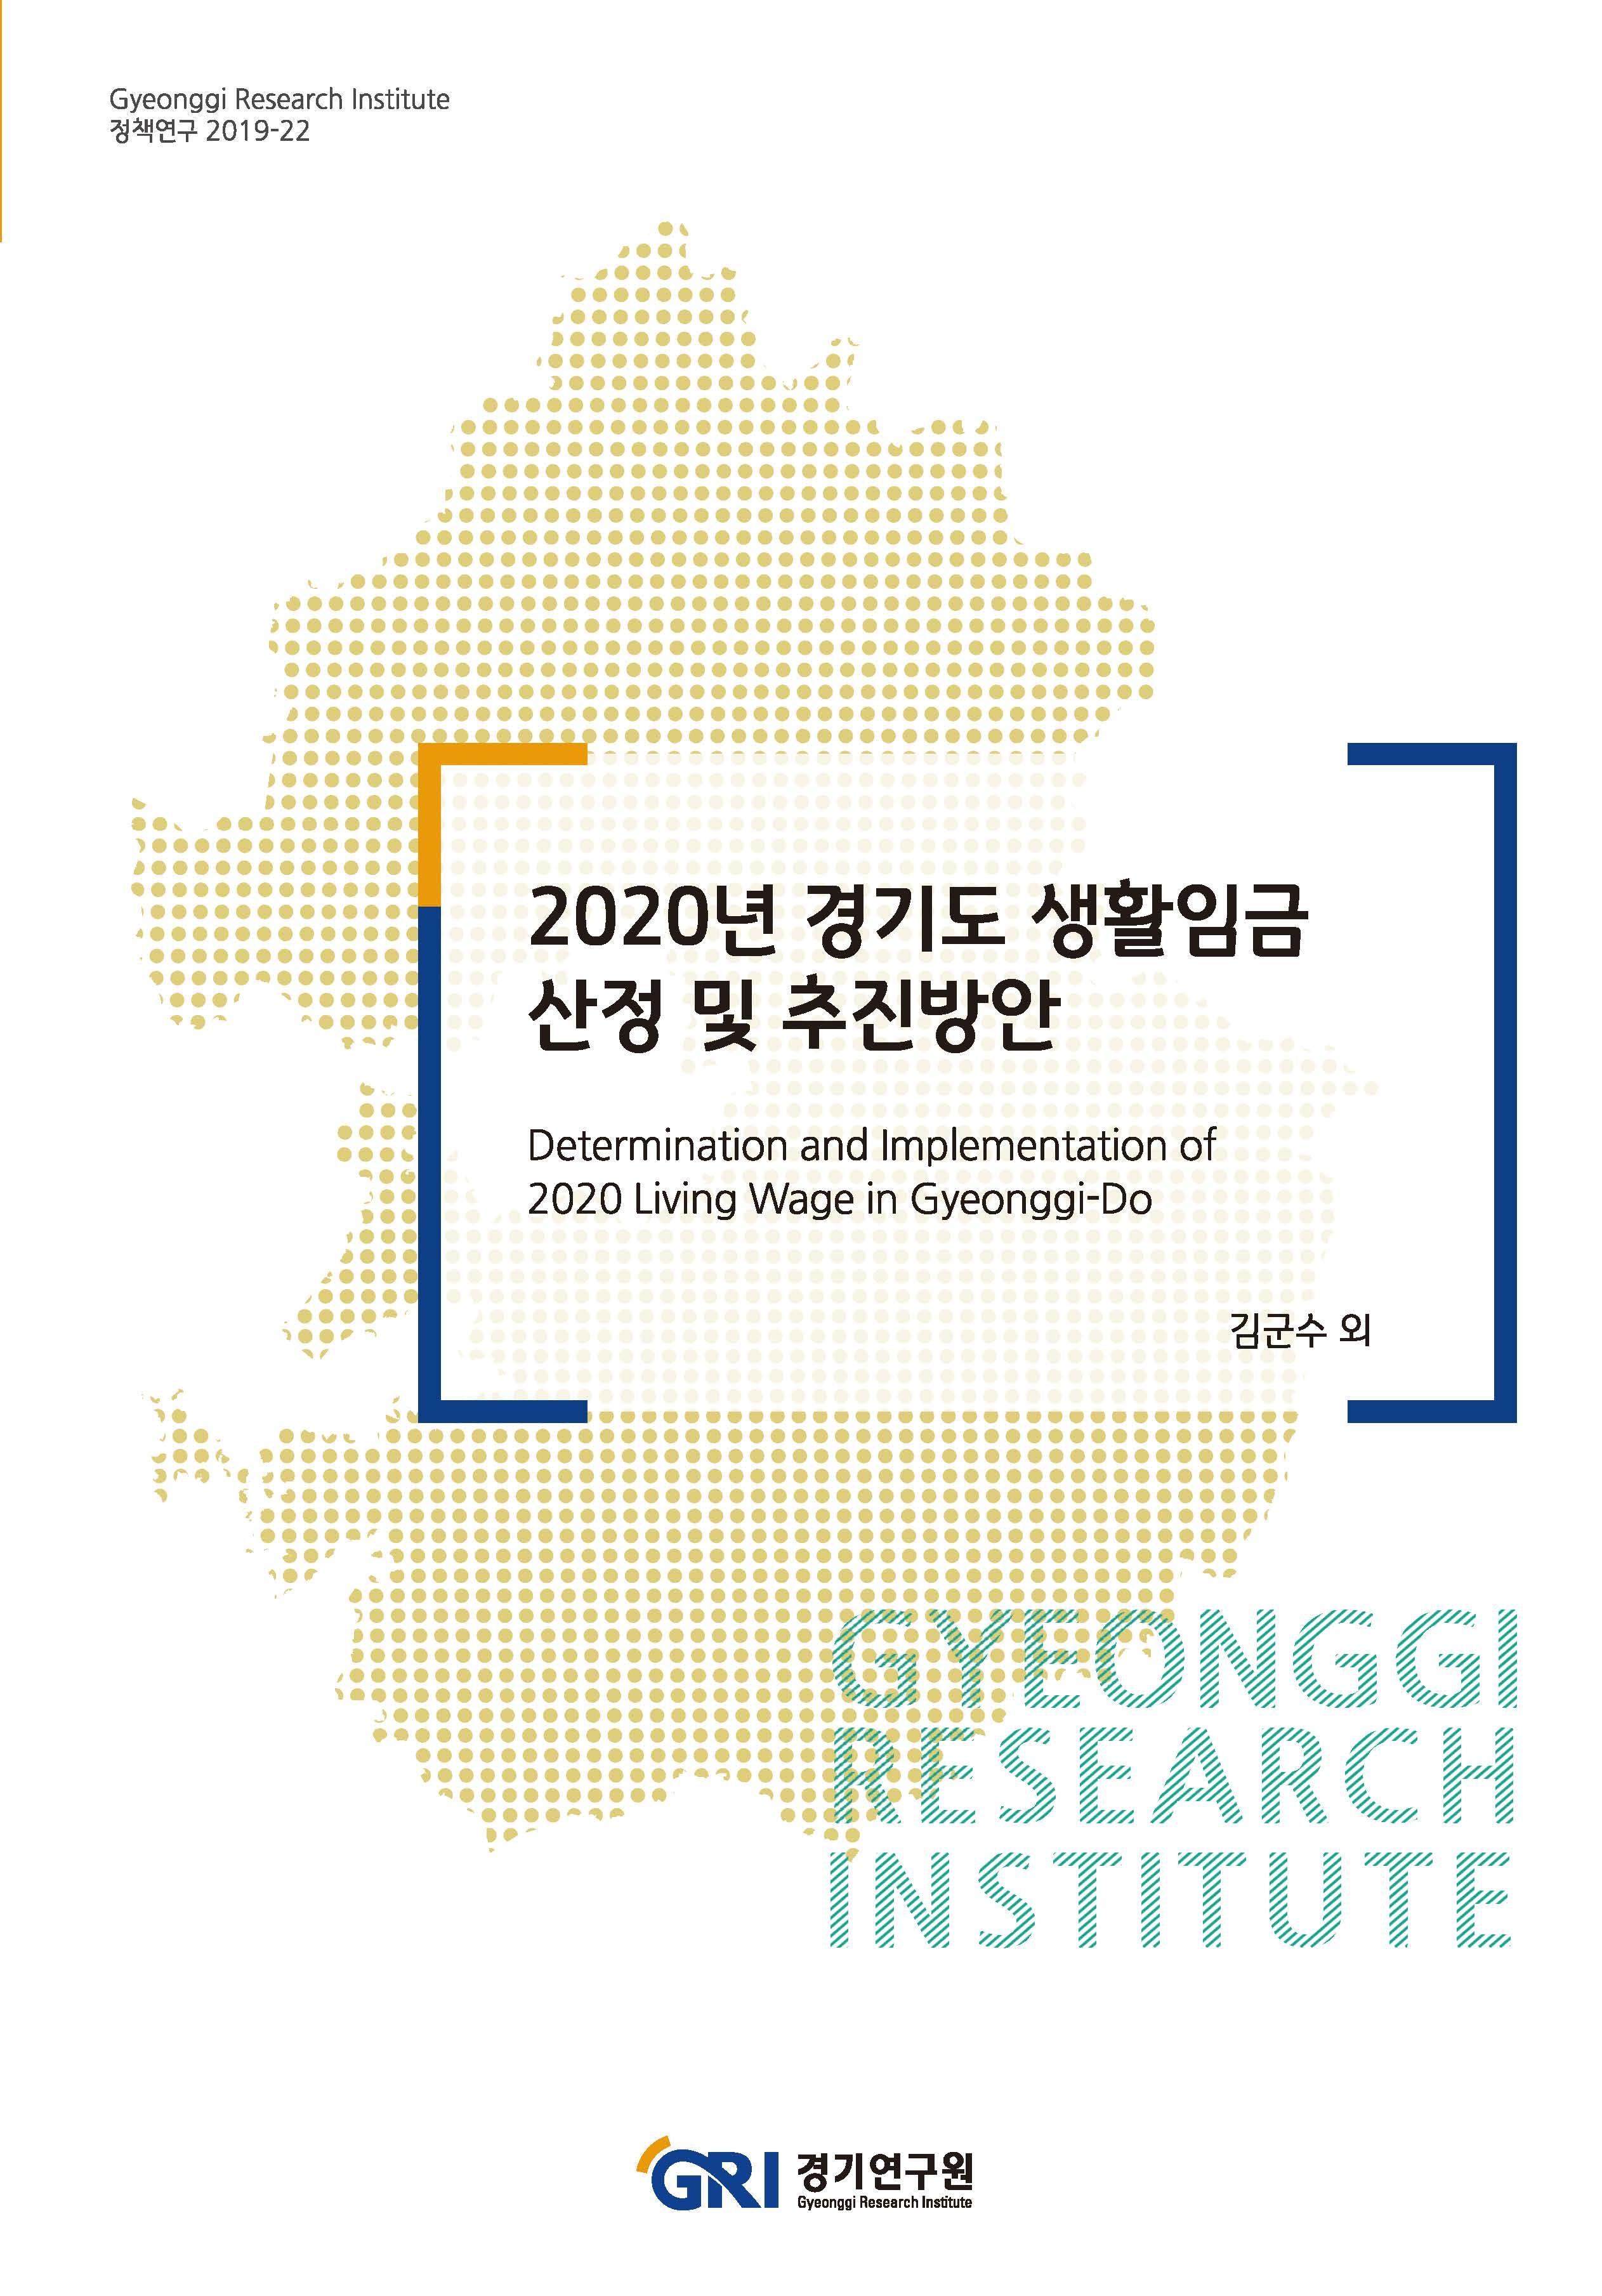 2020년 경기도 생활임금 산정 및 추진방안